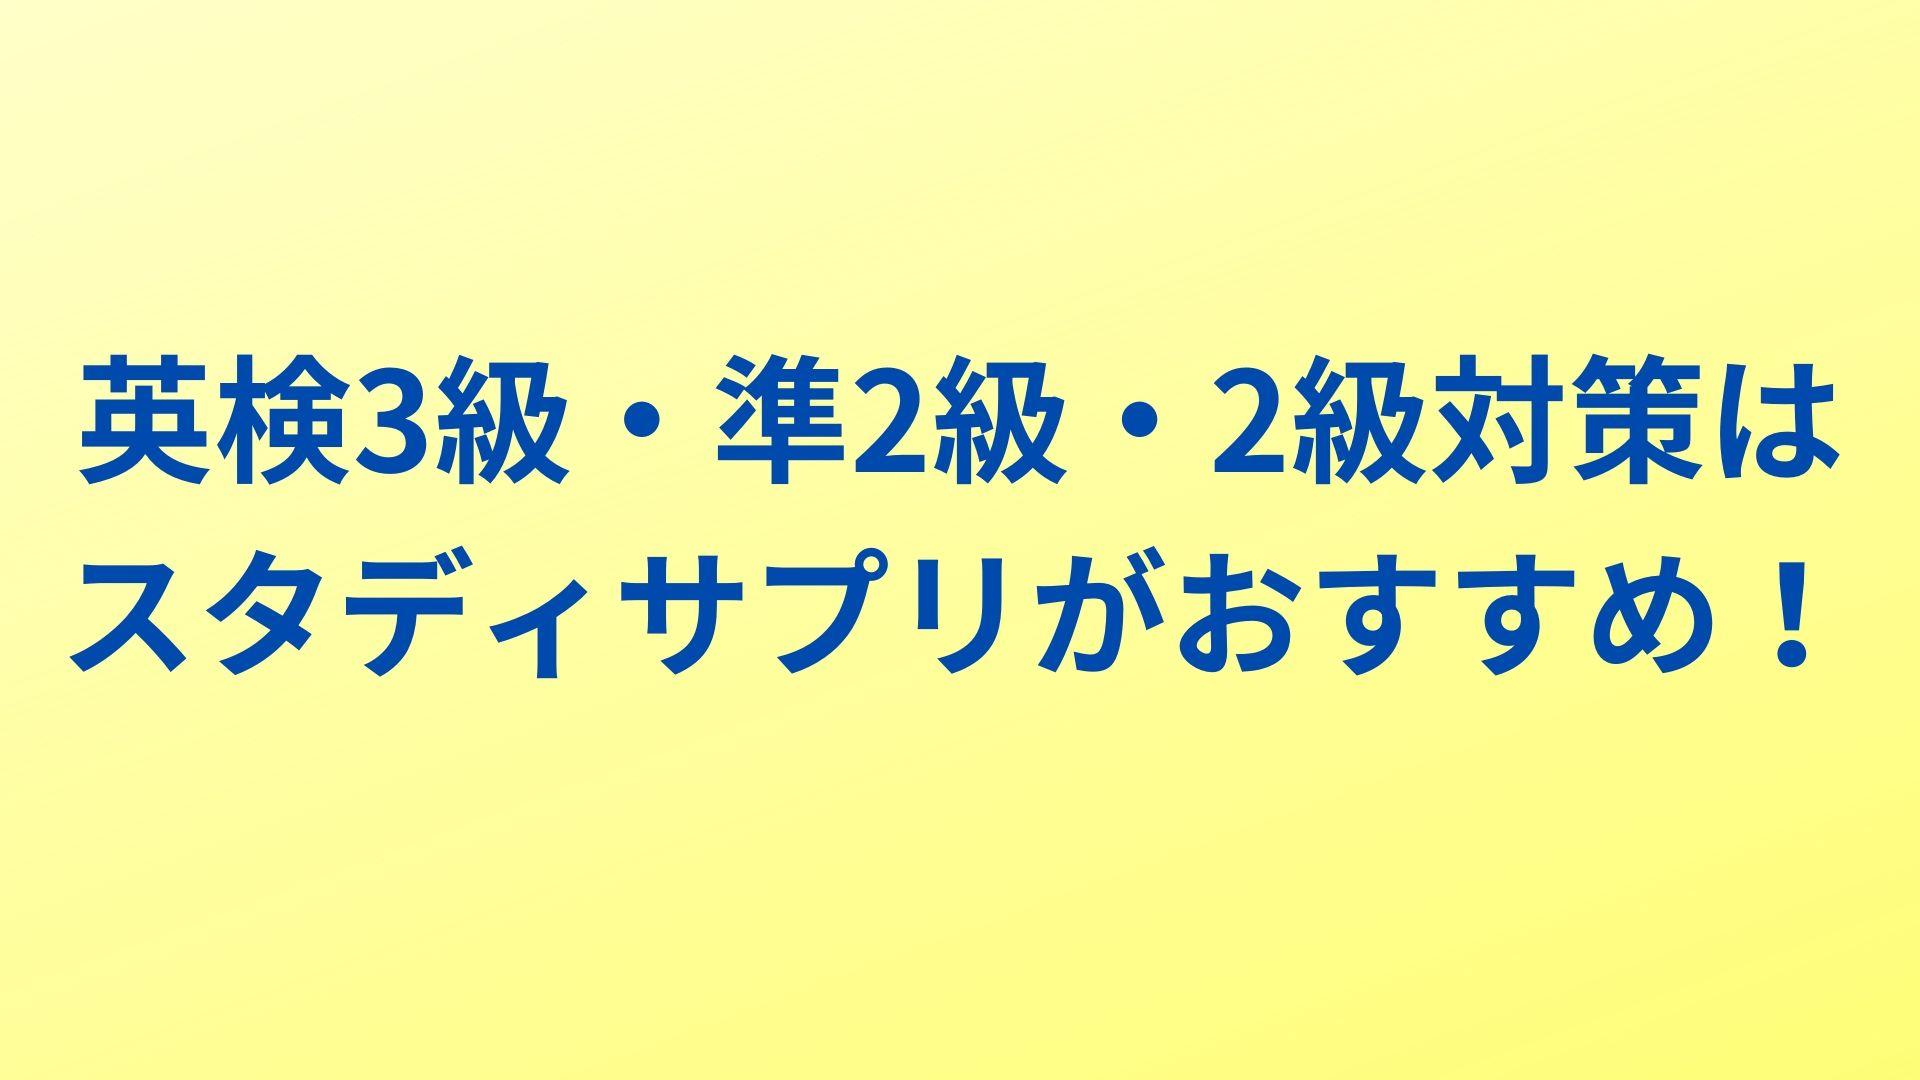 英検3級・準2級・2級対策はスタディサプリがおすすめ!